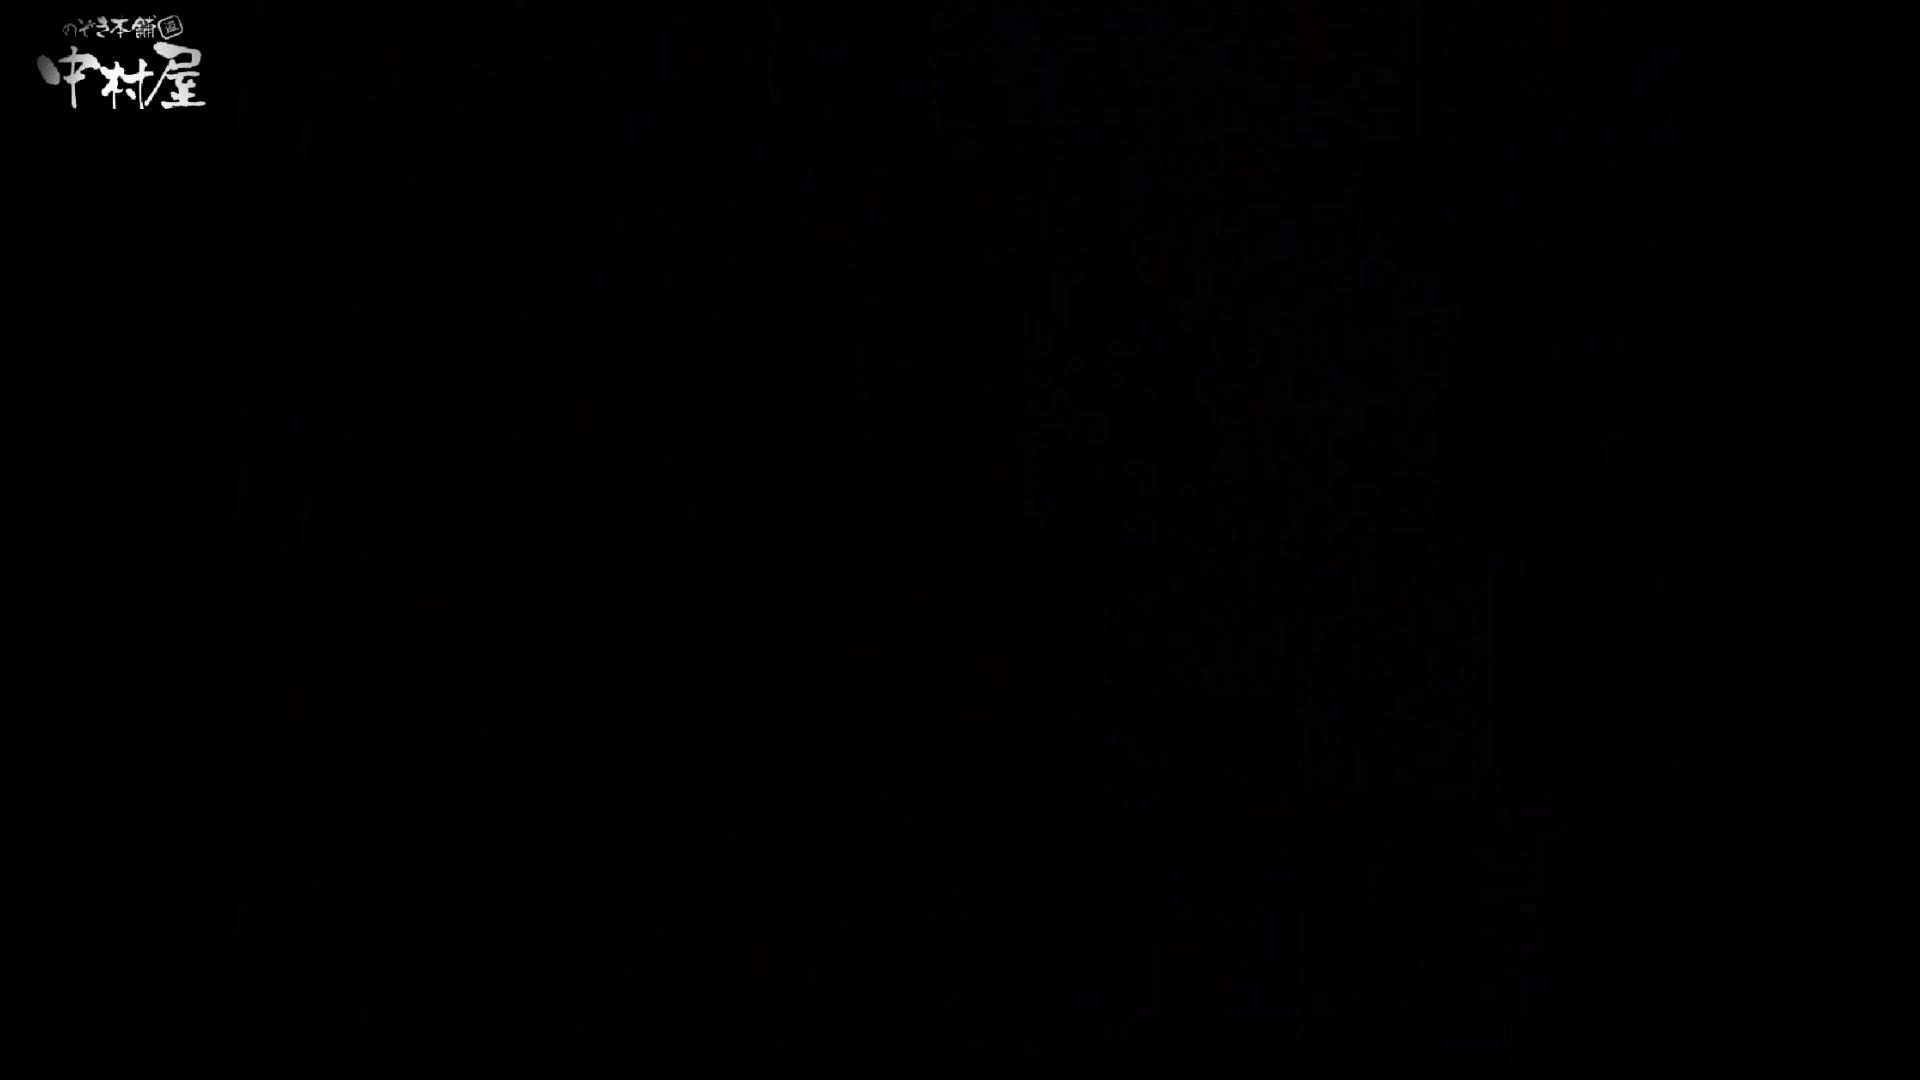 民家風呂専門盗撮師の超危険映像 vol.016 盗撮 ワレメ無修正動画無料 72連発 39